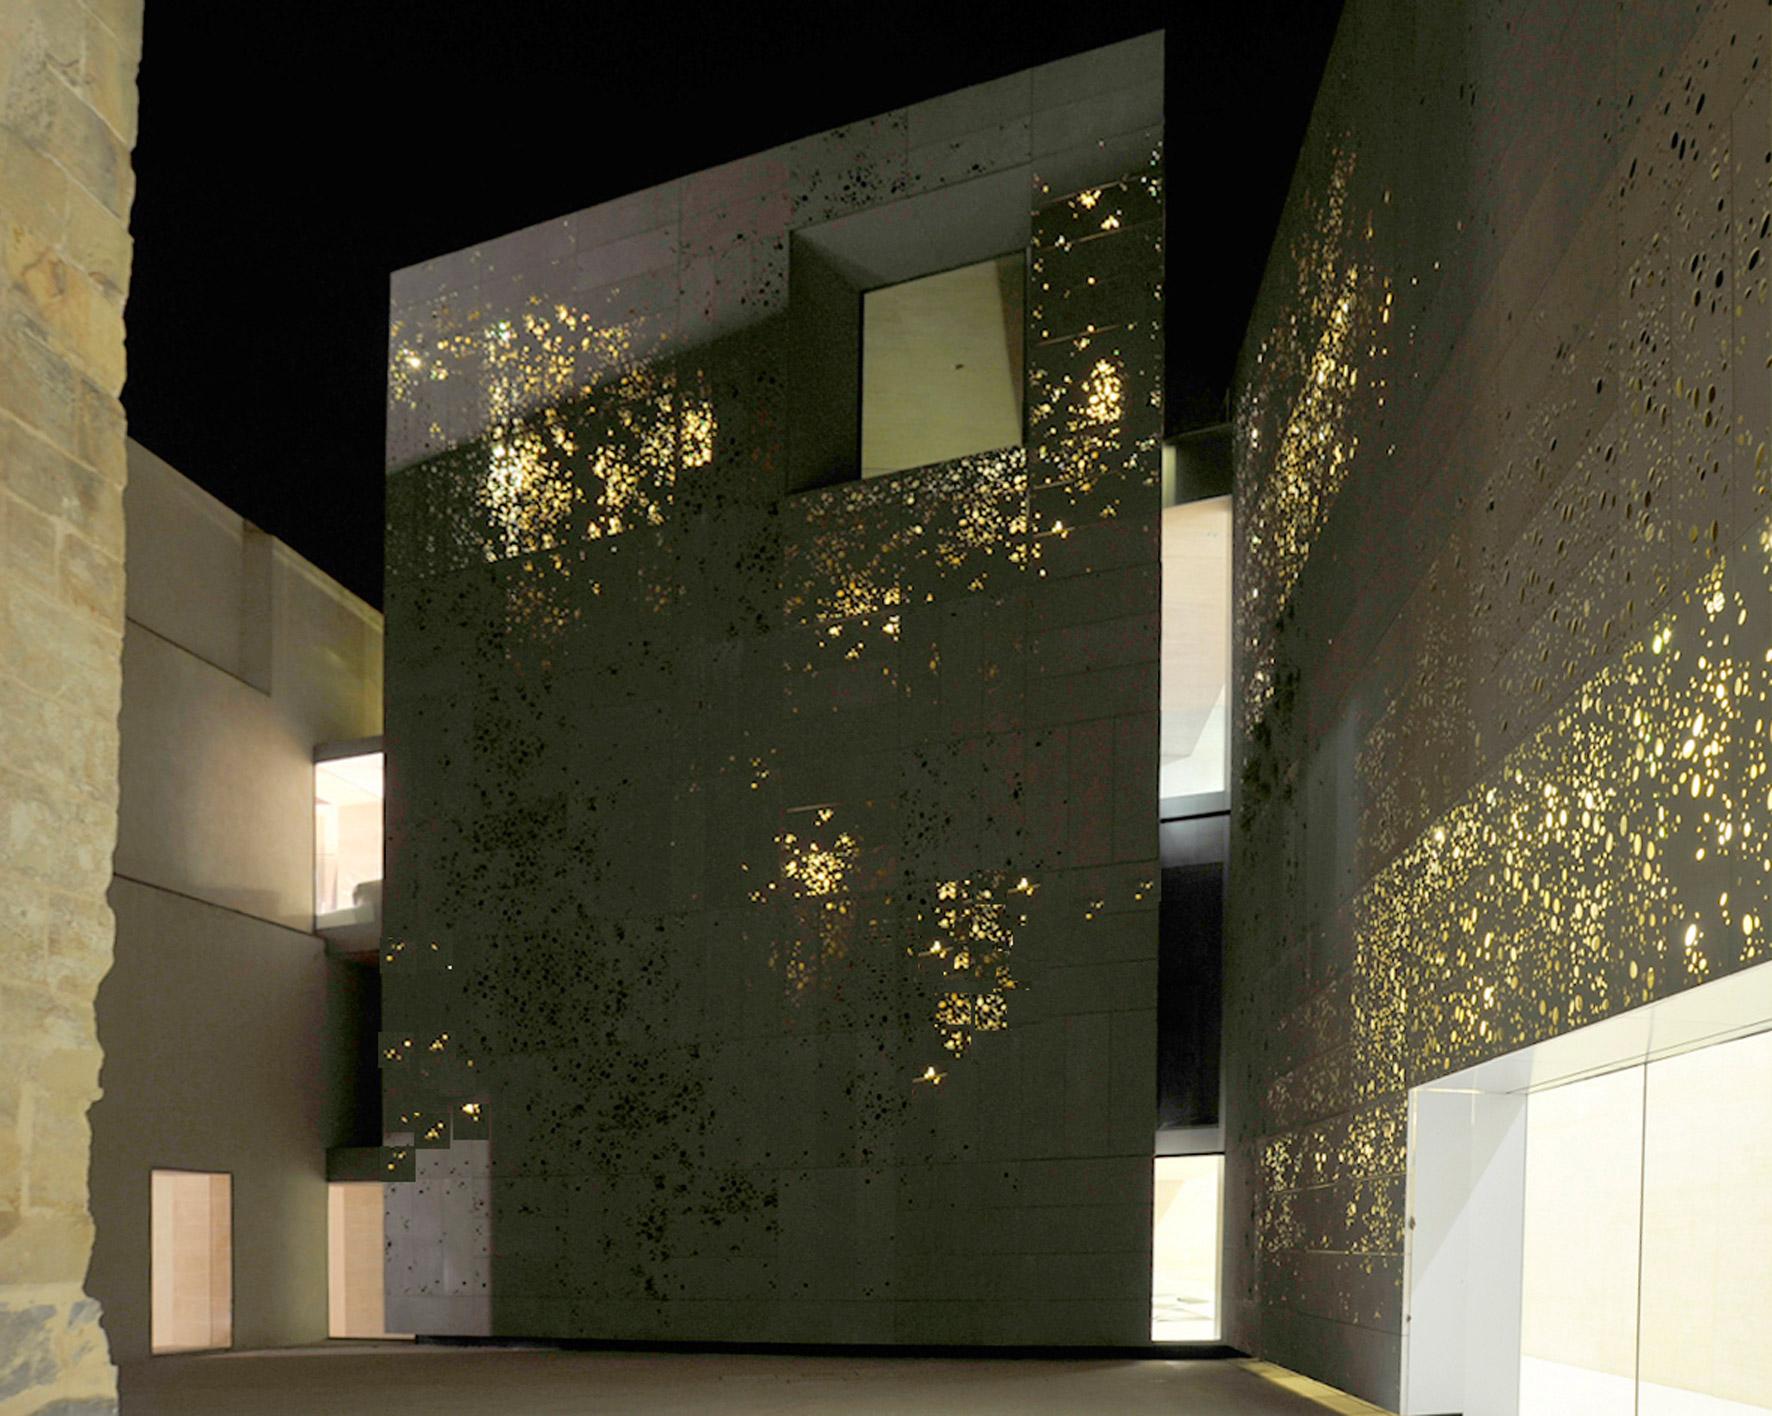 Museo de SAN TELMO en San Sebastián, arquitectos Fuensanta Nieto y Enrique Sobejano